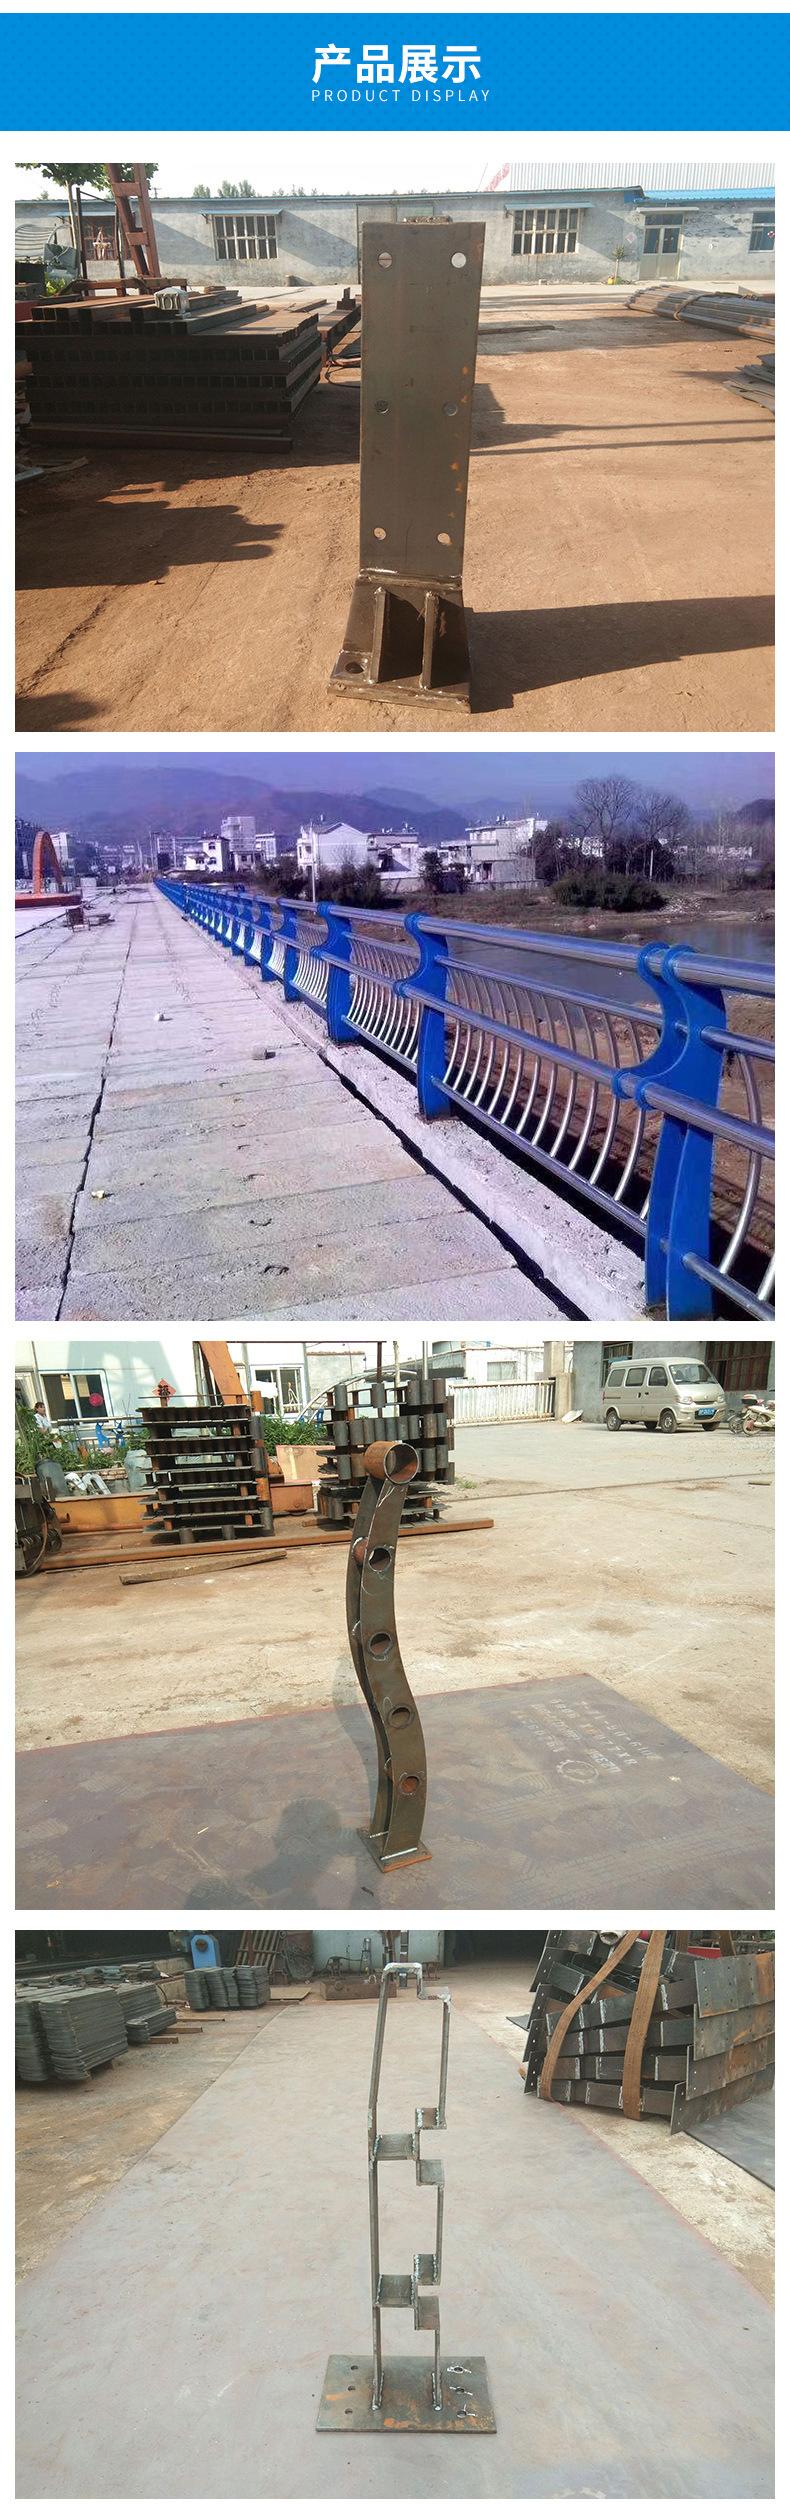 桥梁防撞护栏市政护栏道路草坪护栏绿化围栏别墅庭院栅栏预埋件示例图3